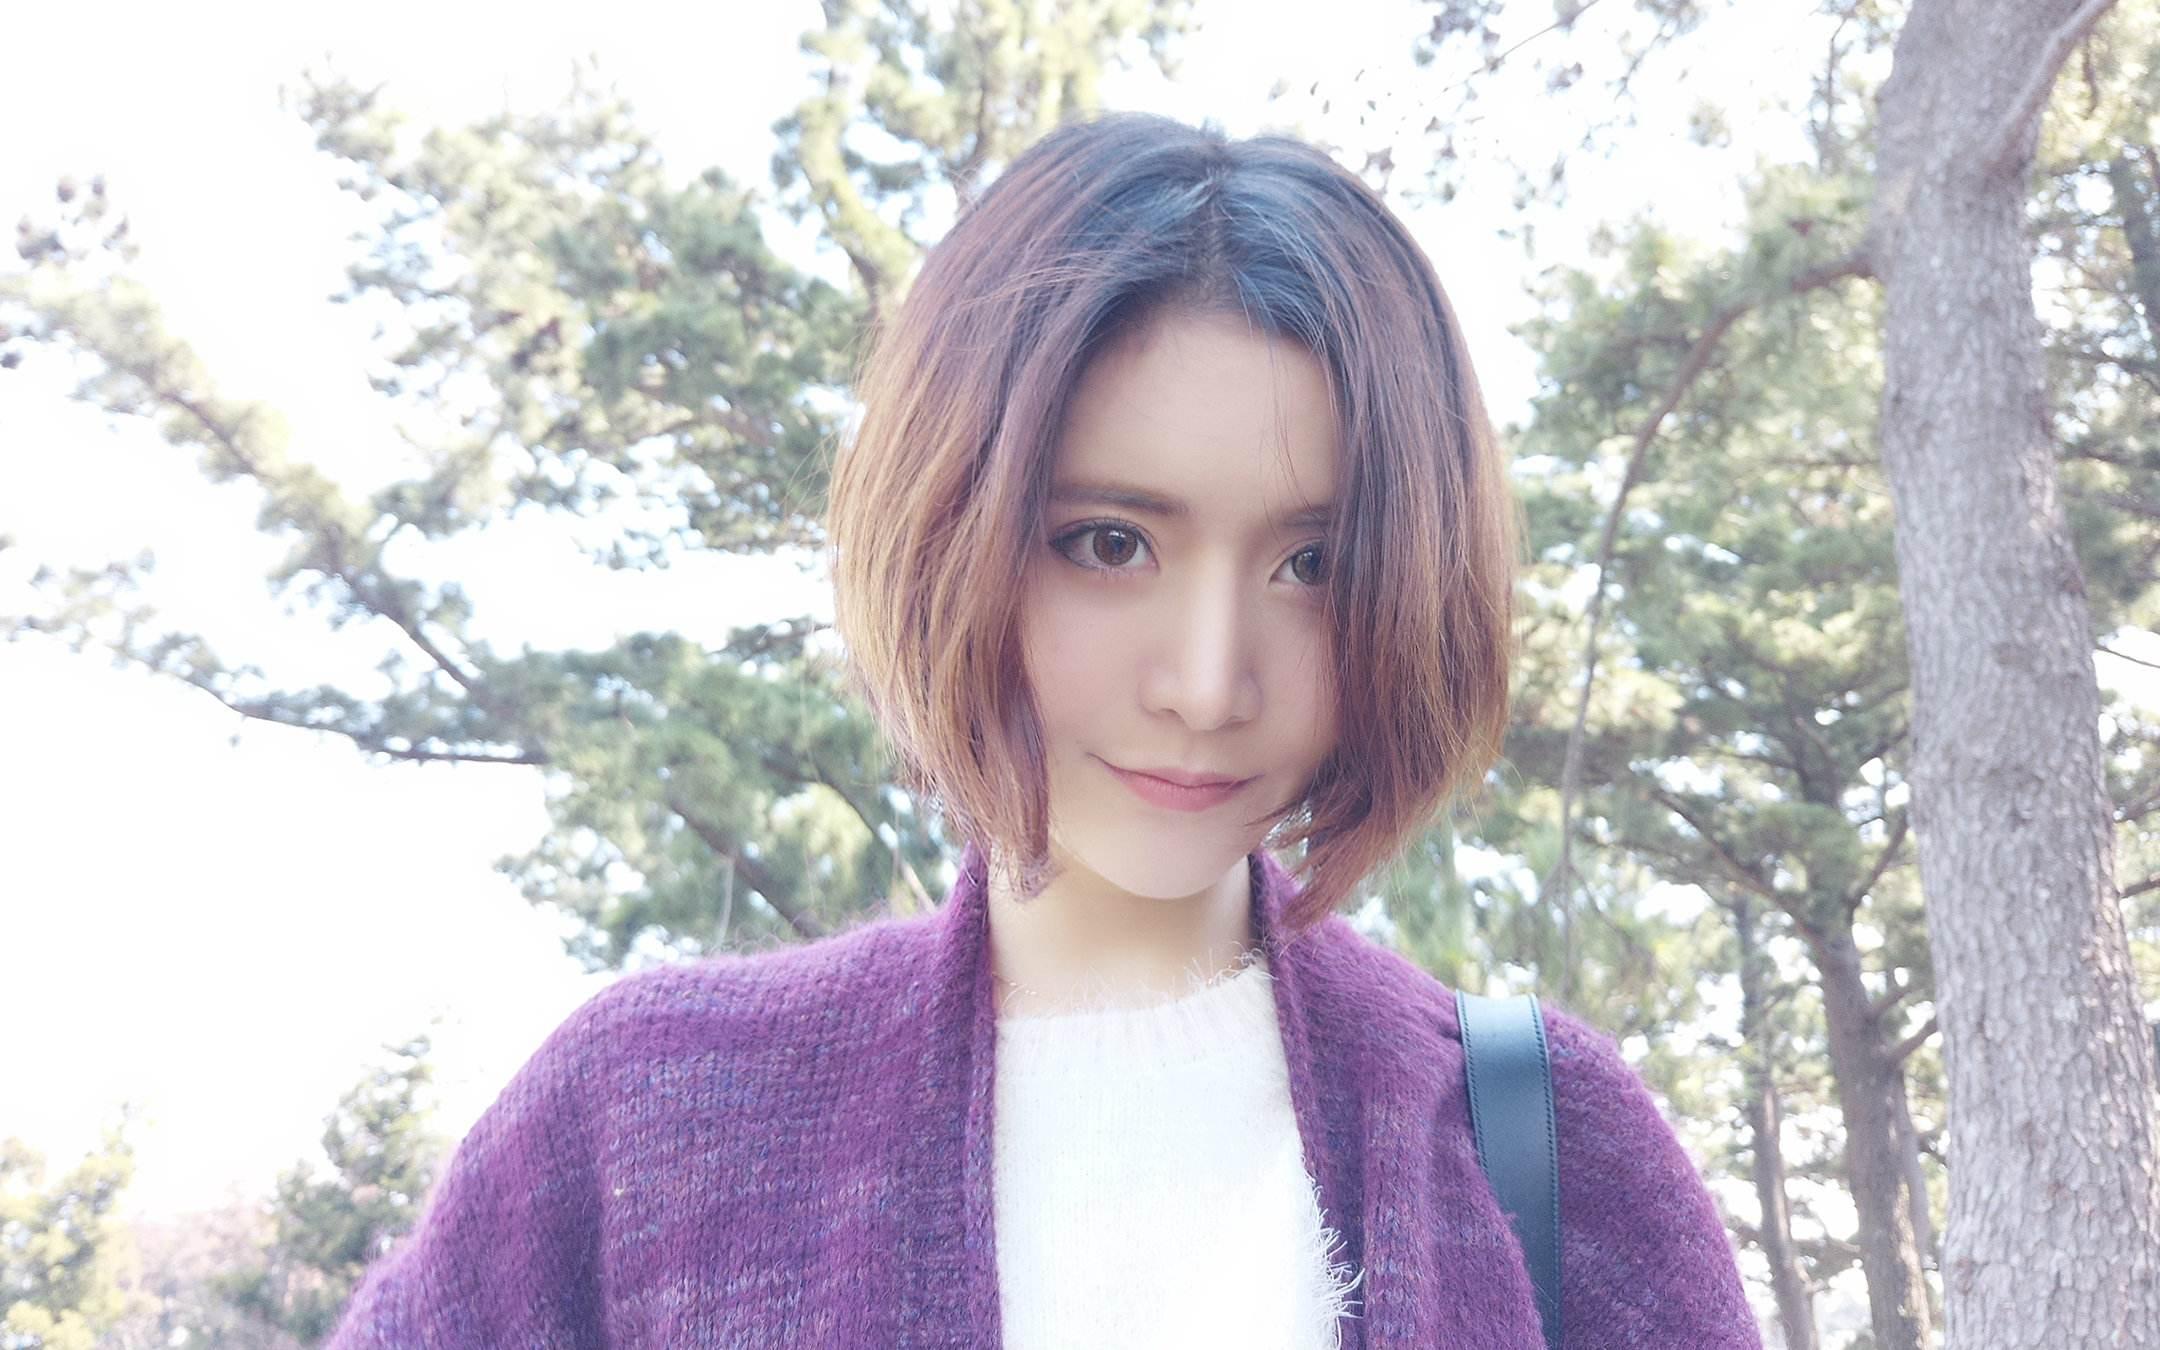 金秀贤雪莉挑战大尺度床戏 斗鱼tv主播卡卡直播露乳晕被封